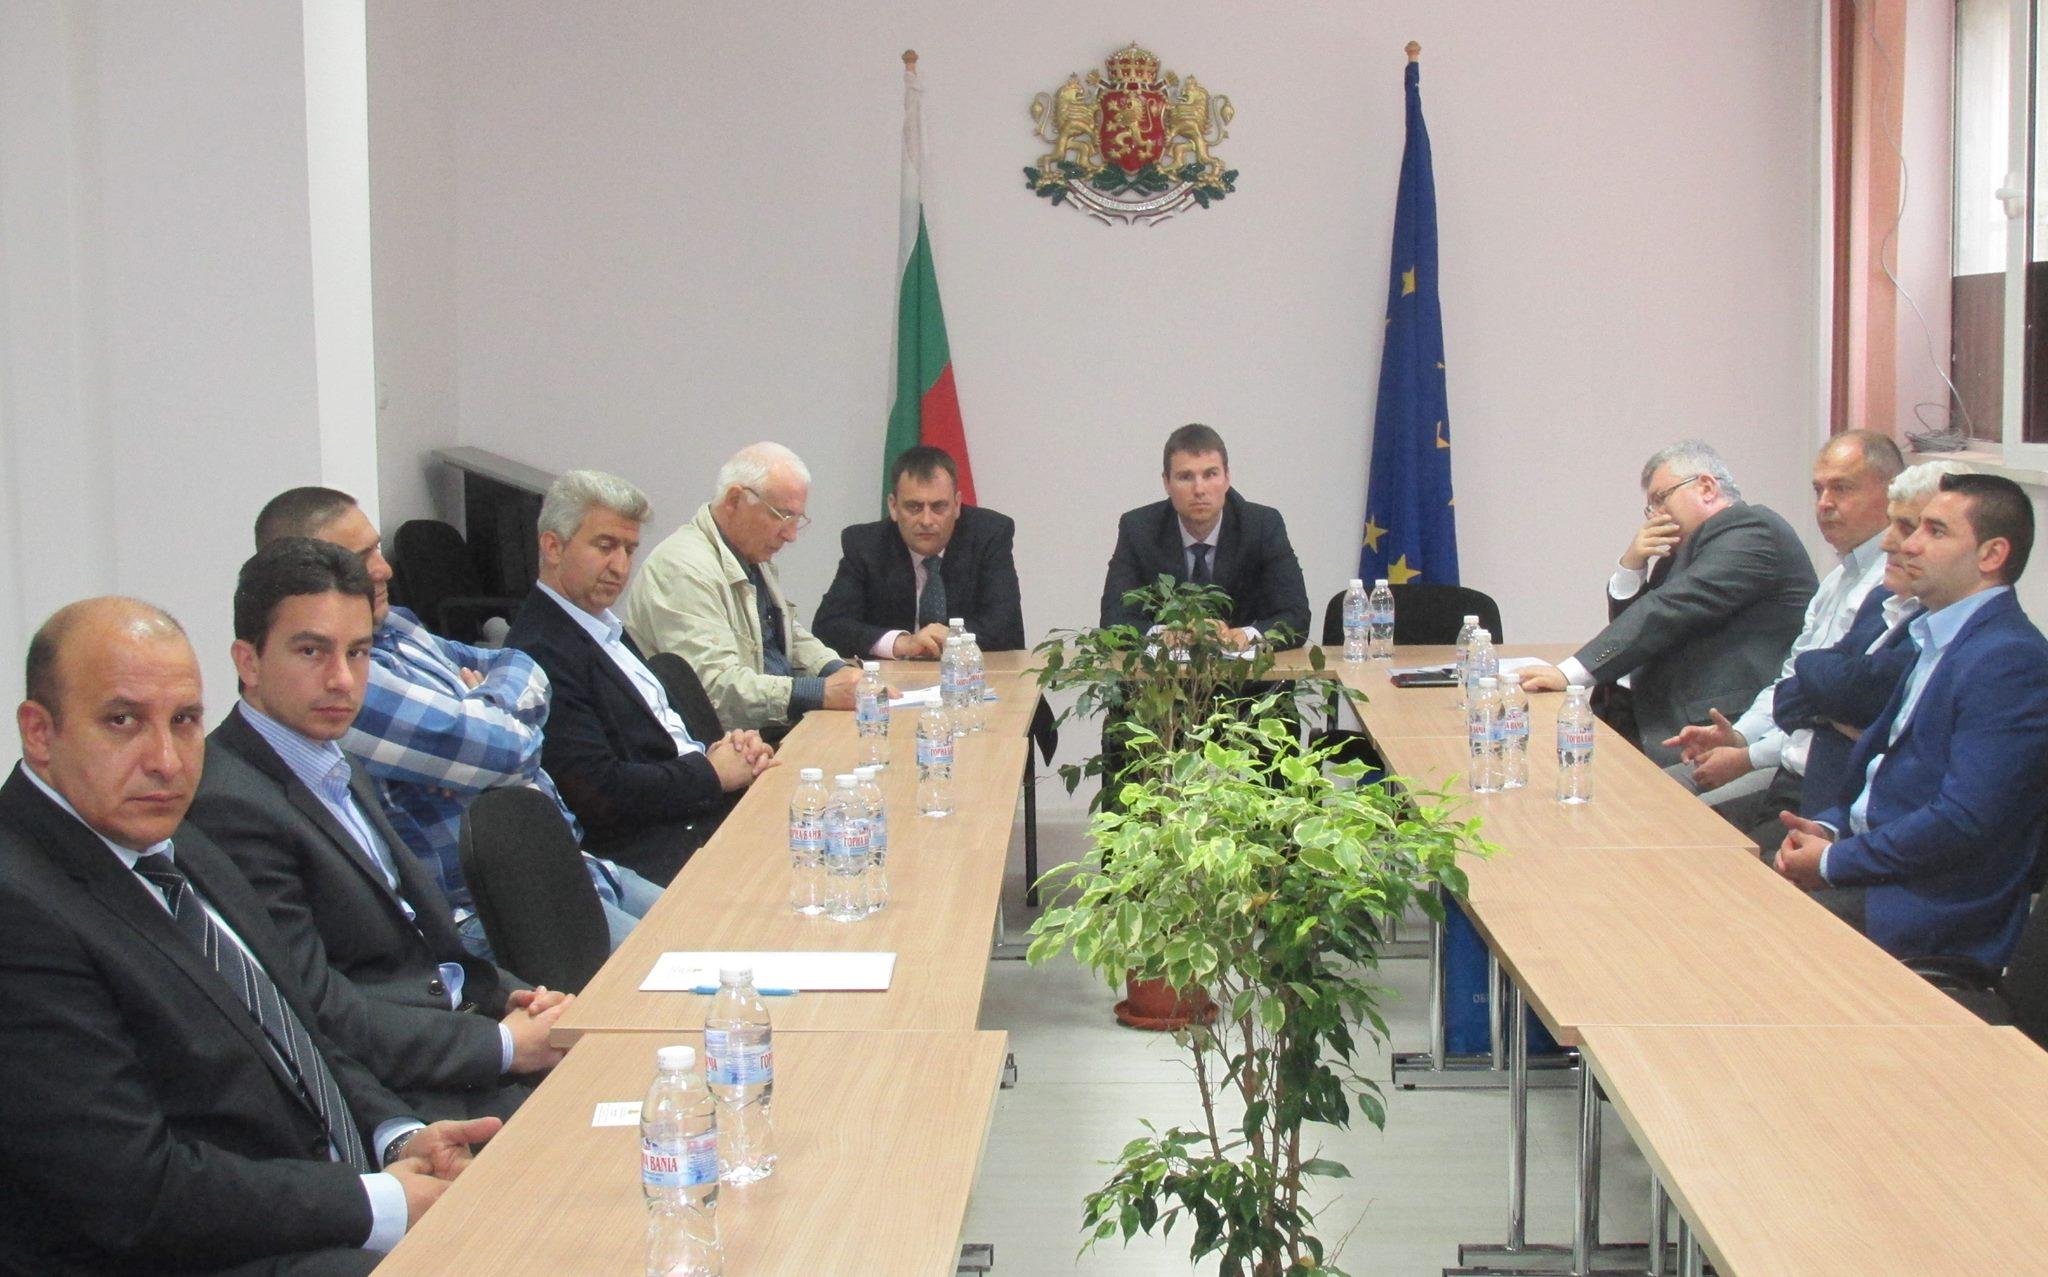 Областният управител Стефан Мирев към кметовете на общини: Очаквам вашите въпроси и искания към министерствата и Правителството